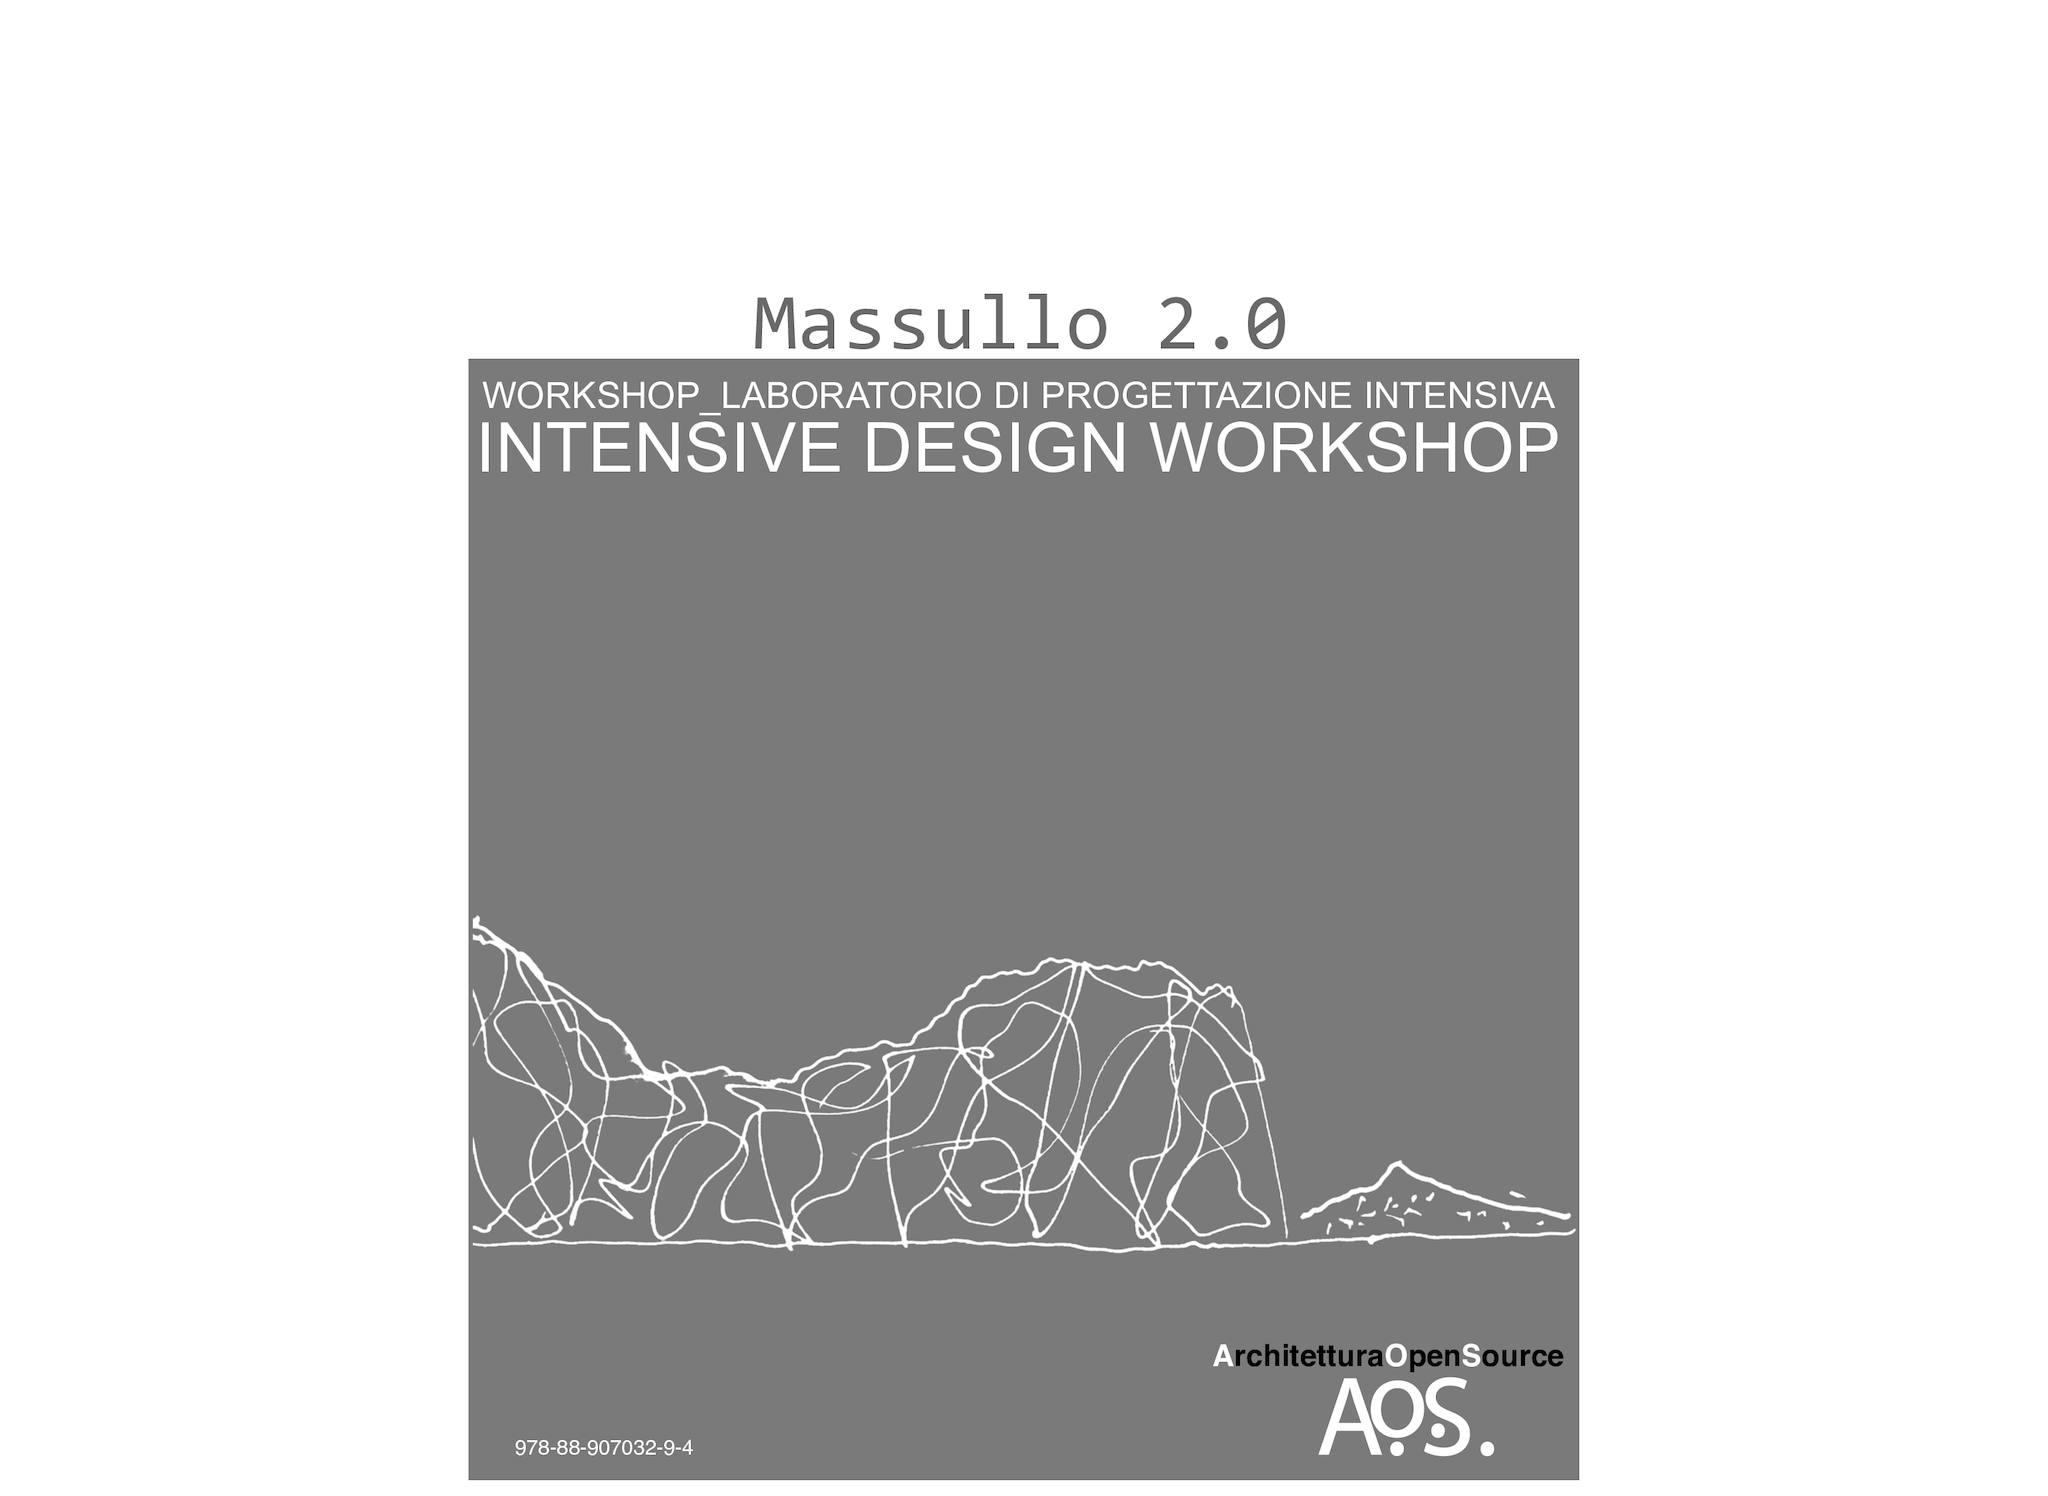 Massullo 2.0 WORKSHOP_LABORATORIO DI PROGETTAZIONE INTENSIVA INTENSIVE DESIGN WORKSHOP a cura di Maria Gelvi e Concetta Tavoletta